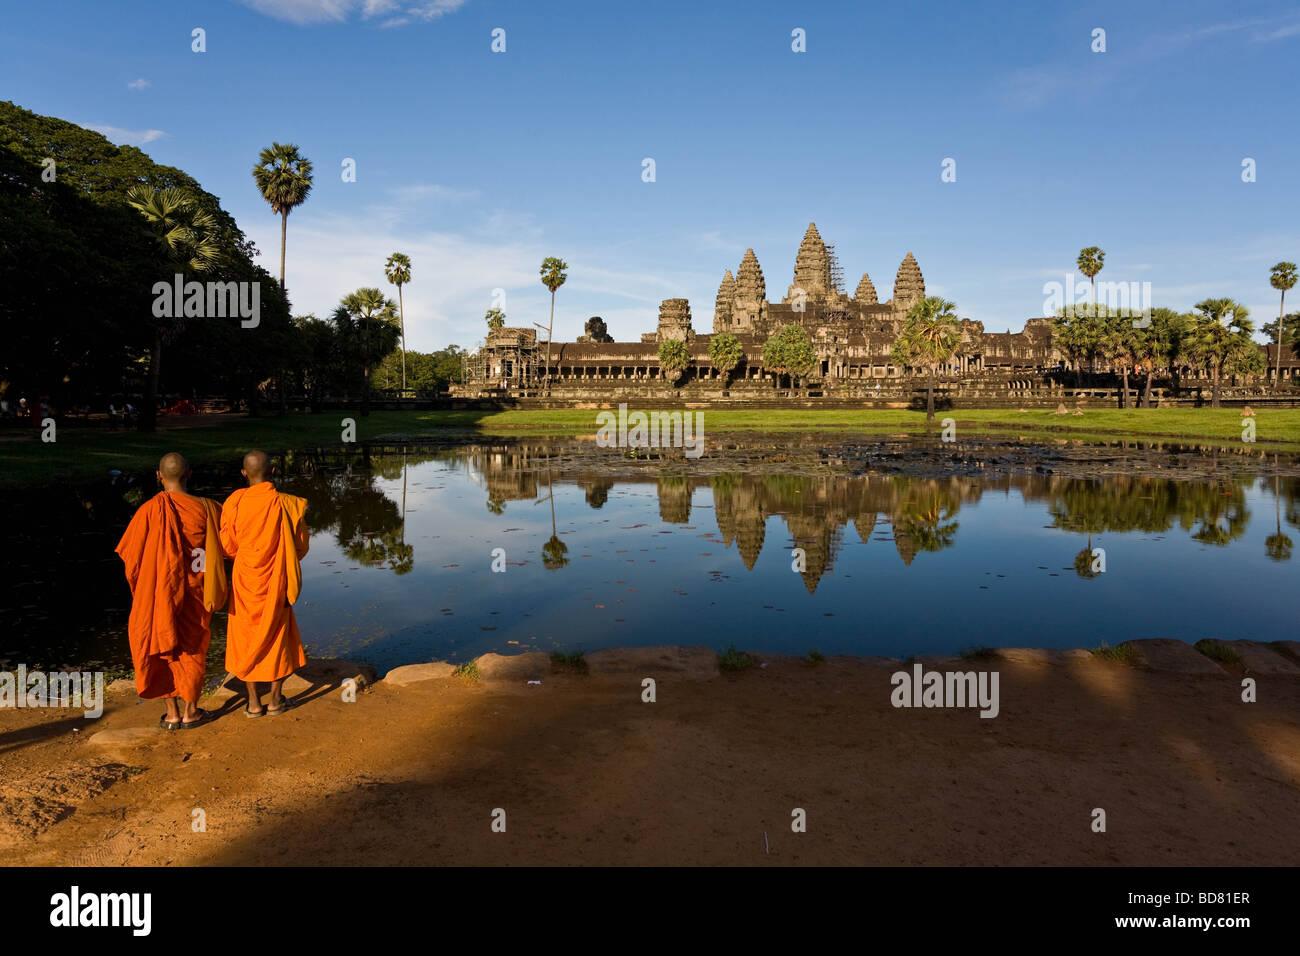 Visualizzazione classica di Angkor Wat attraverso le piscine con una chiara riflessione, con due arancio-derubato Immagini Stock